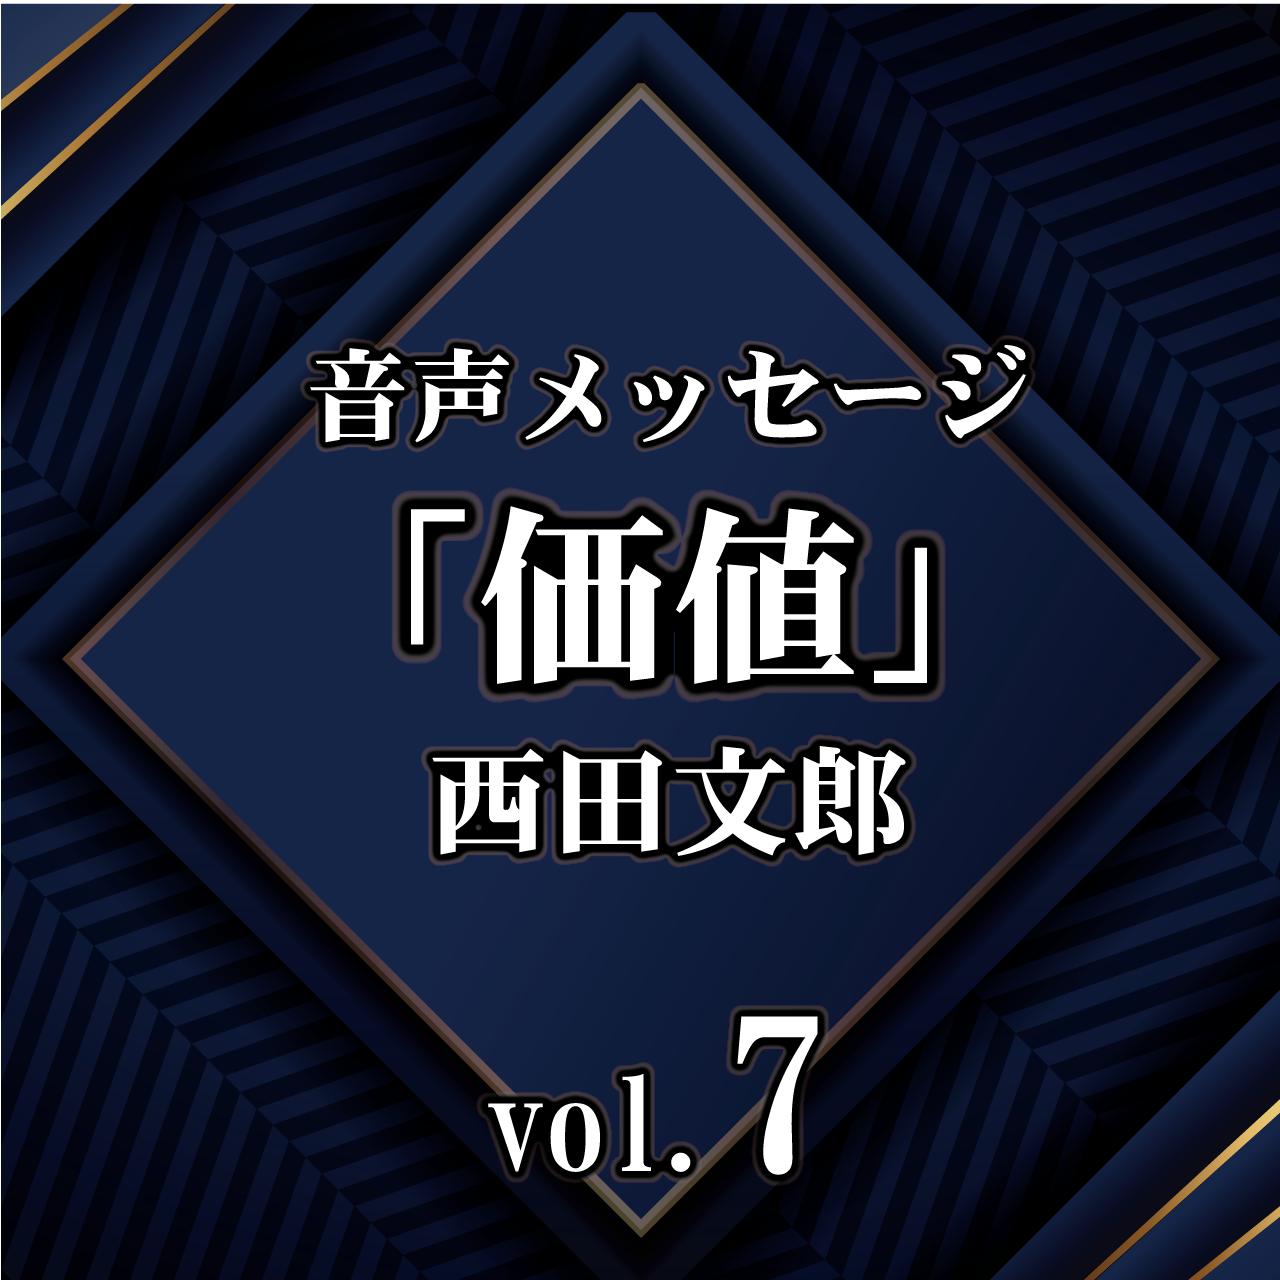 商品名:西田文郎 音声メッセージ vol.7『価値』